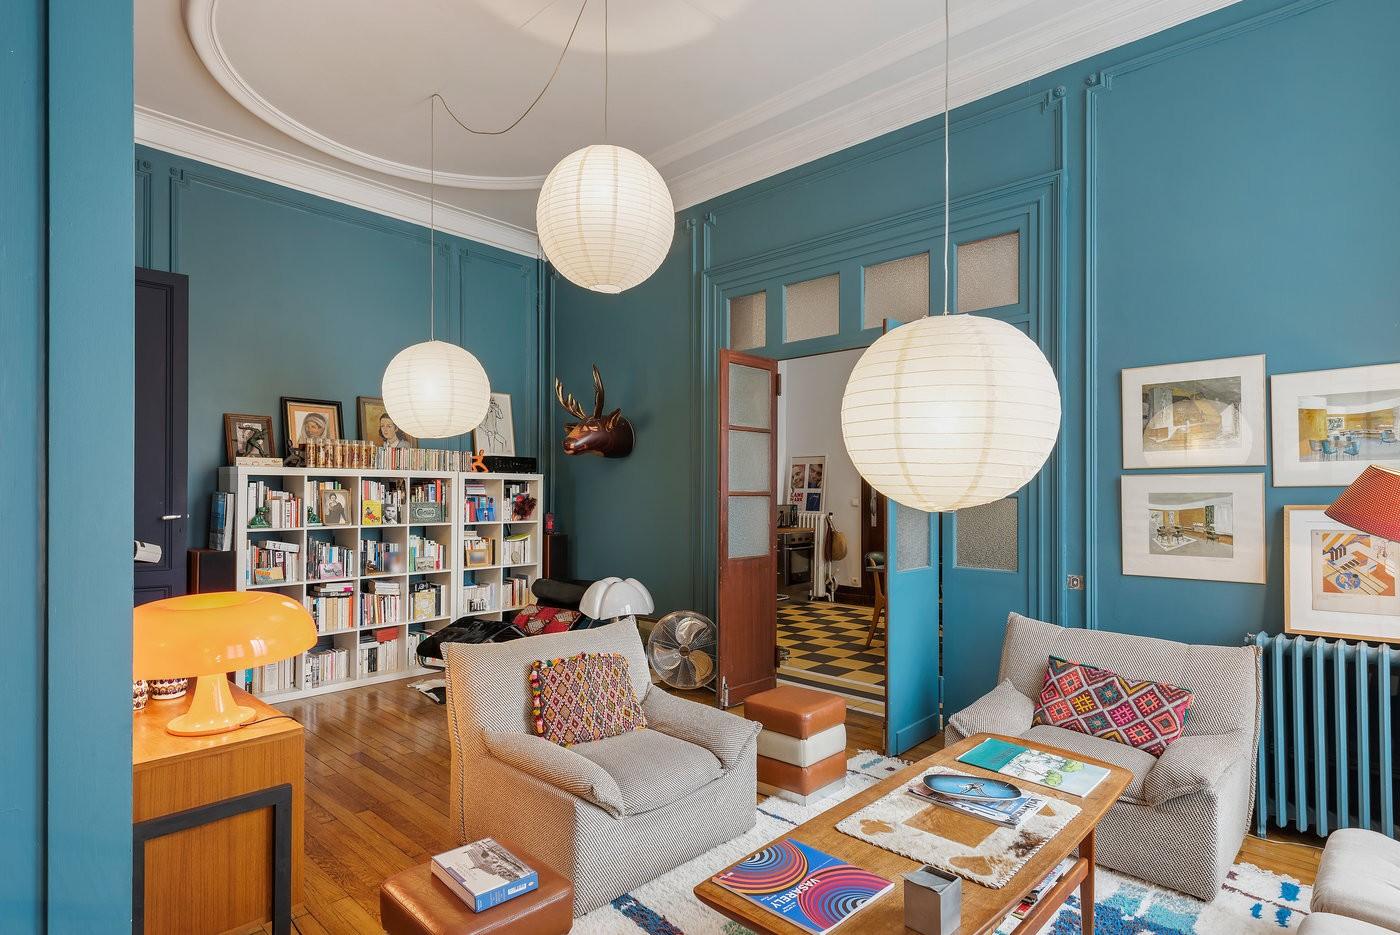 Une maison au style vintage et colorée, parfaite pour les réunions entre collègue à Bordeaux.